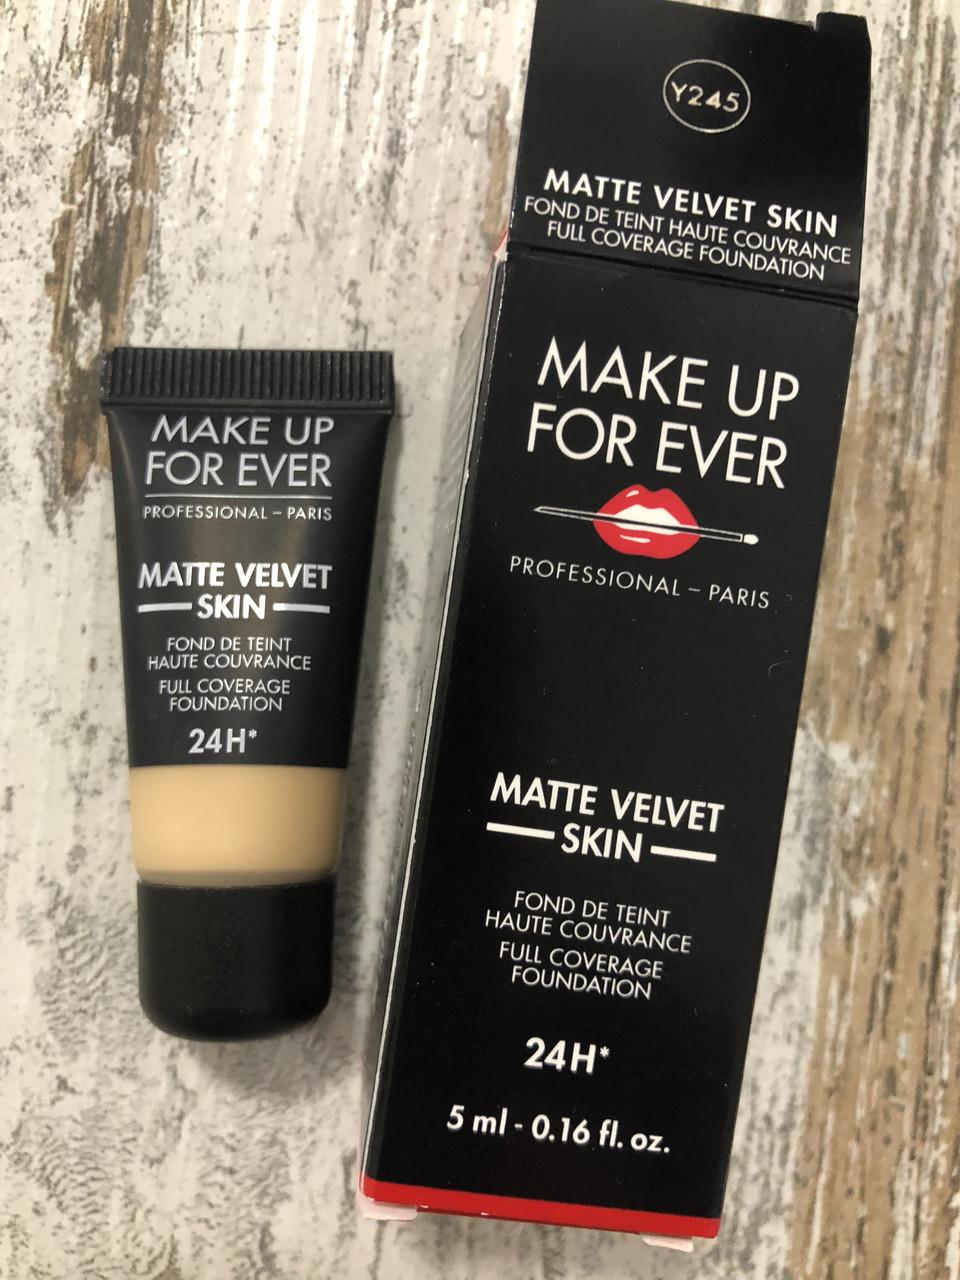 Тональный крем Make Up For Ever Matte Velvet Skin, 5мл